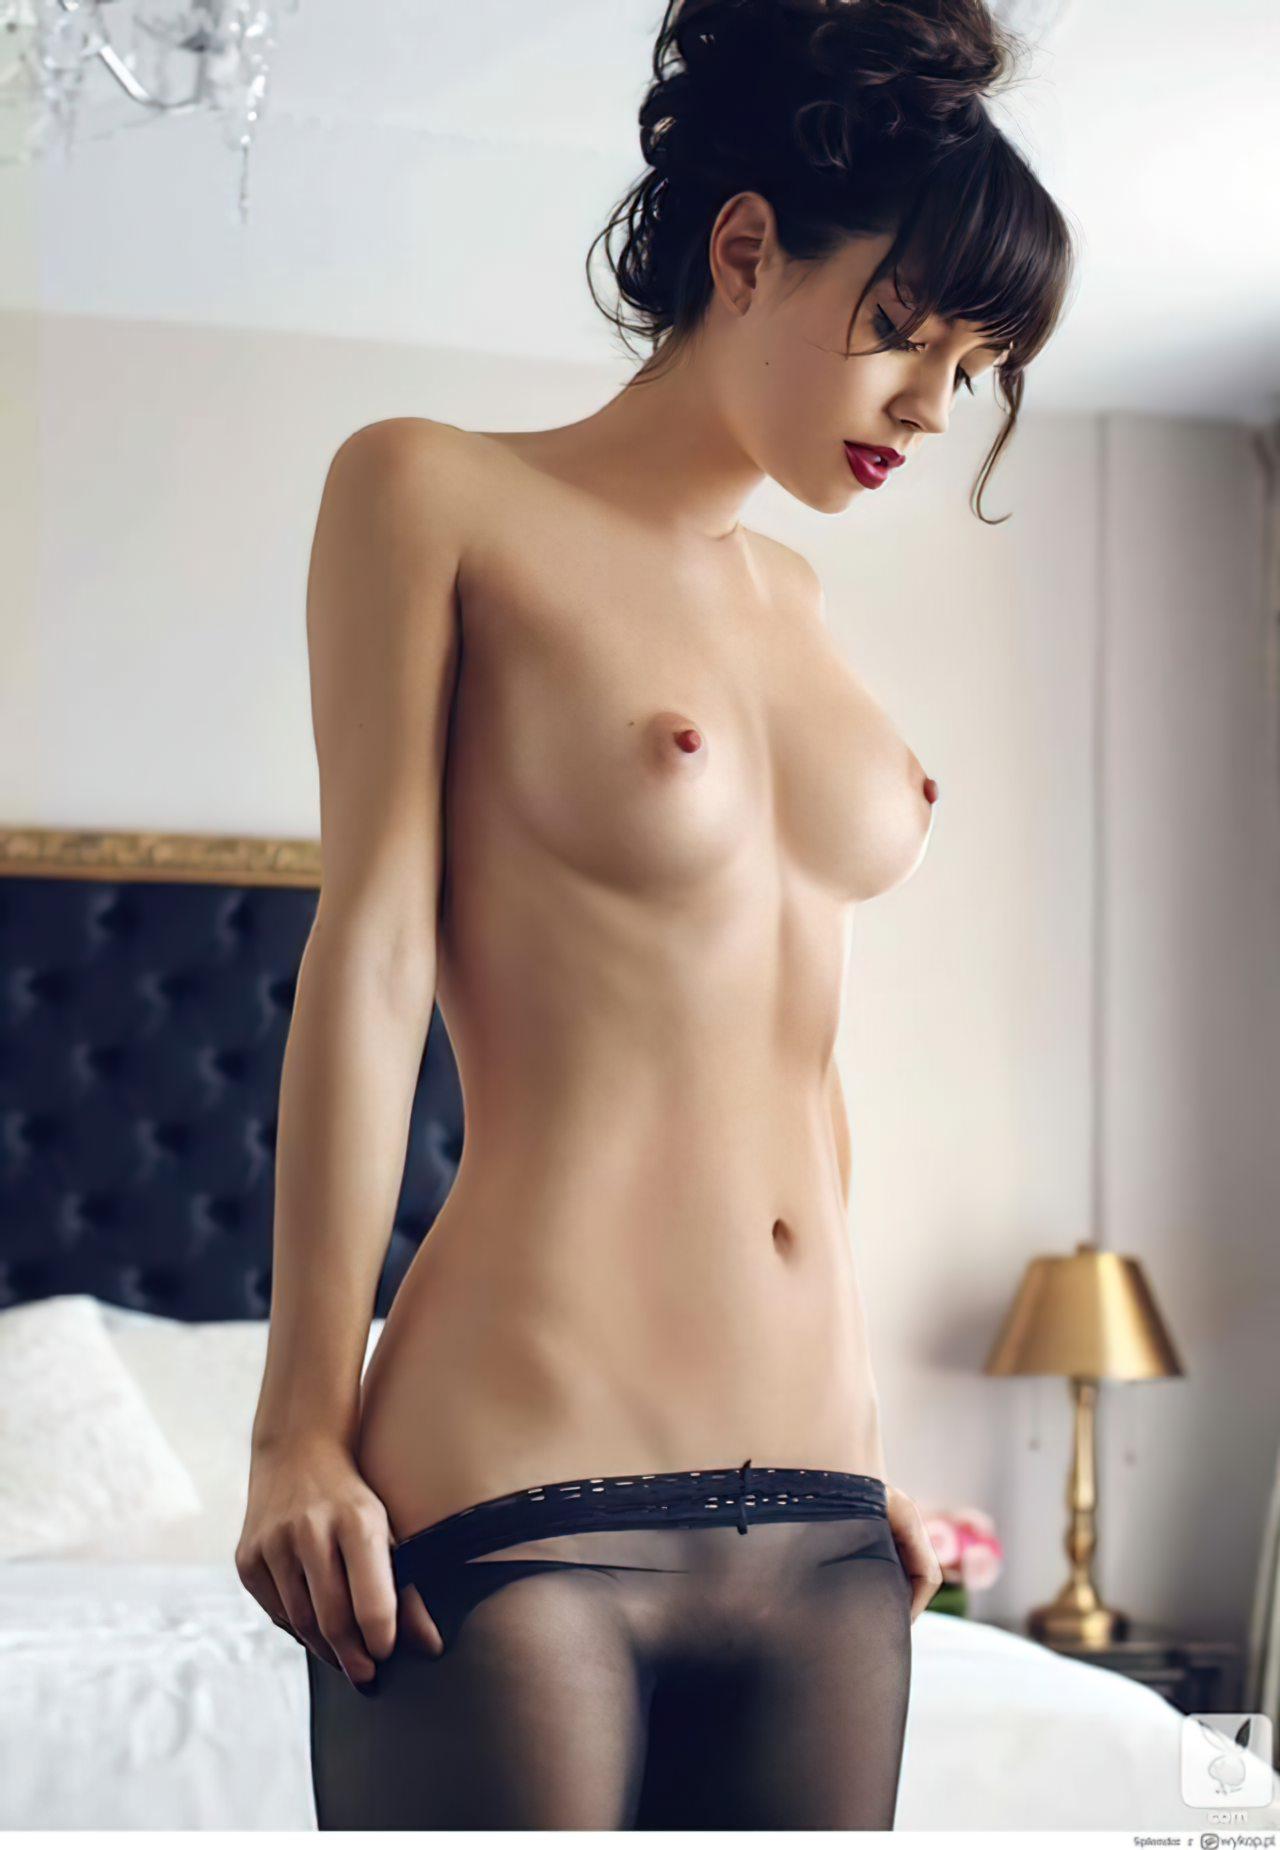 Mulher Pelada (21)